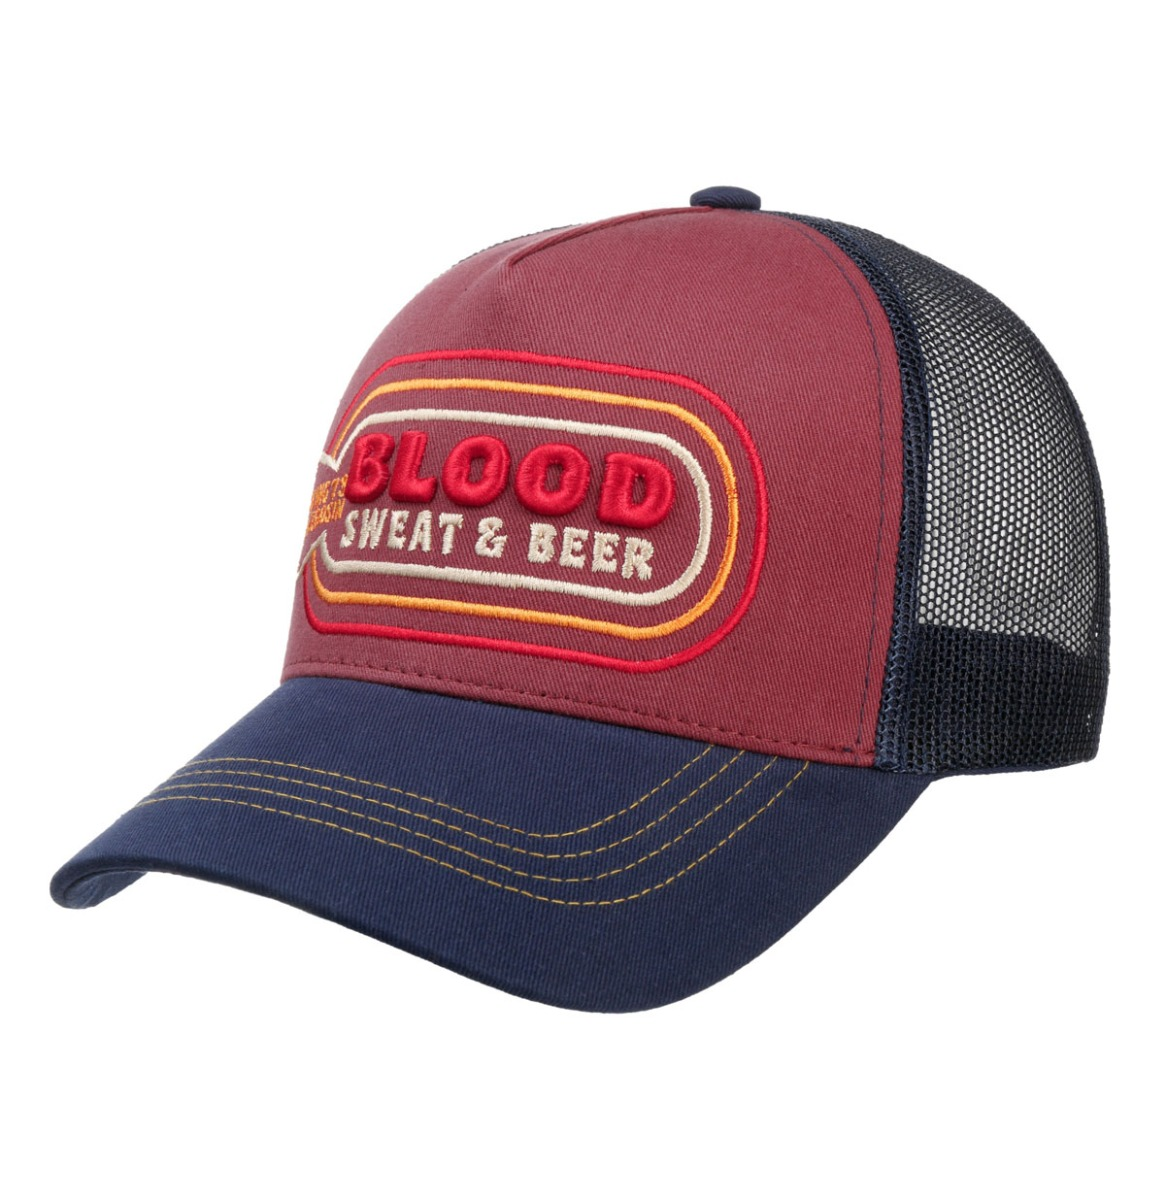 King Kerosin Blood, Sweat and Beer Trucker Pet